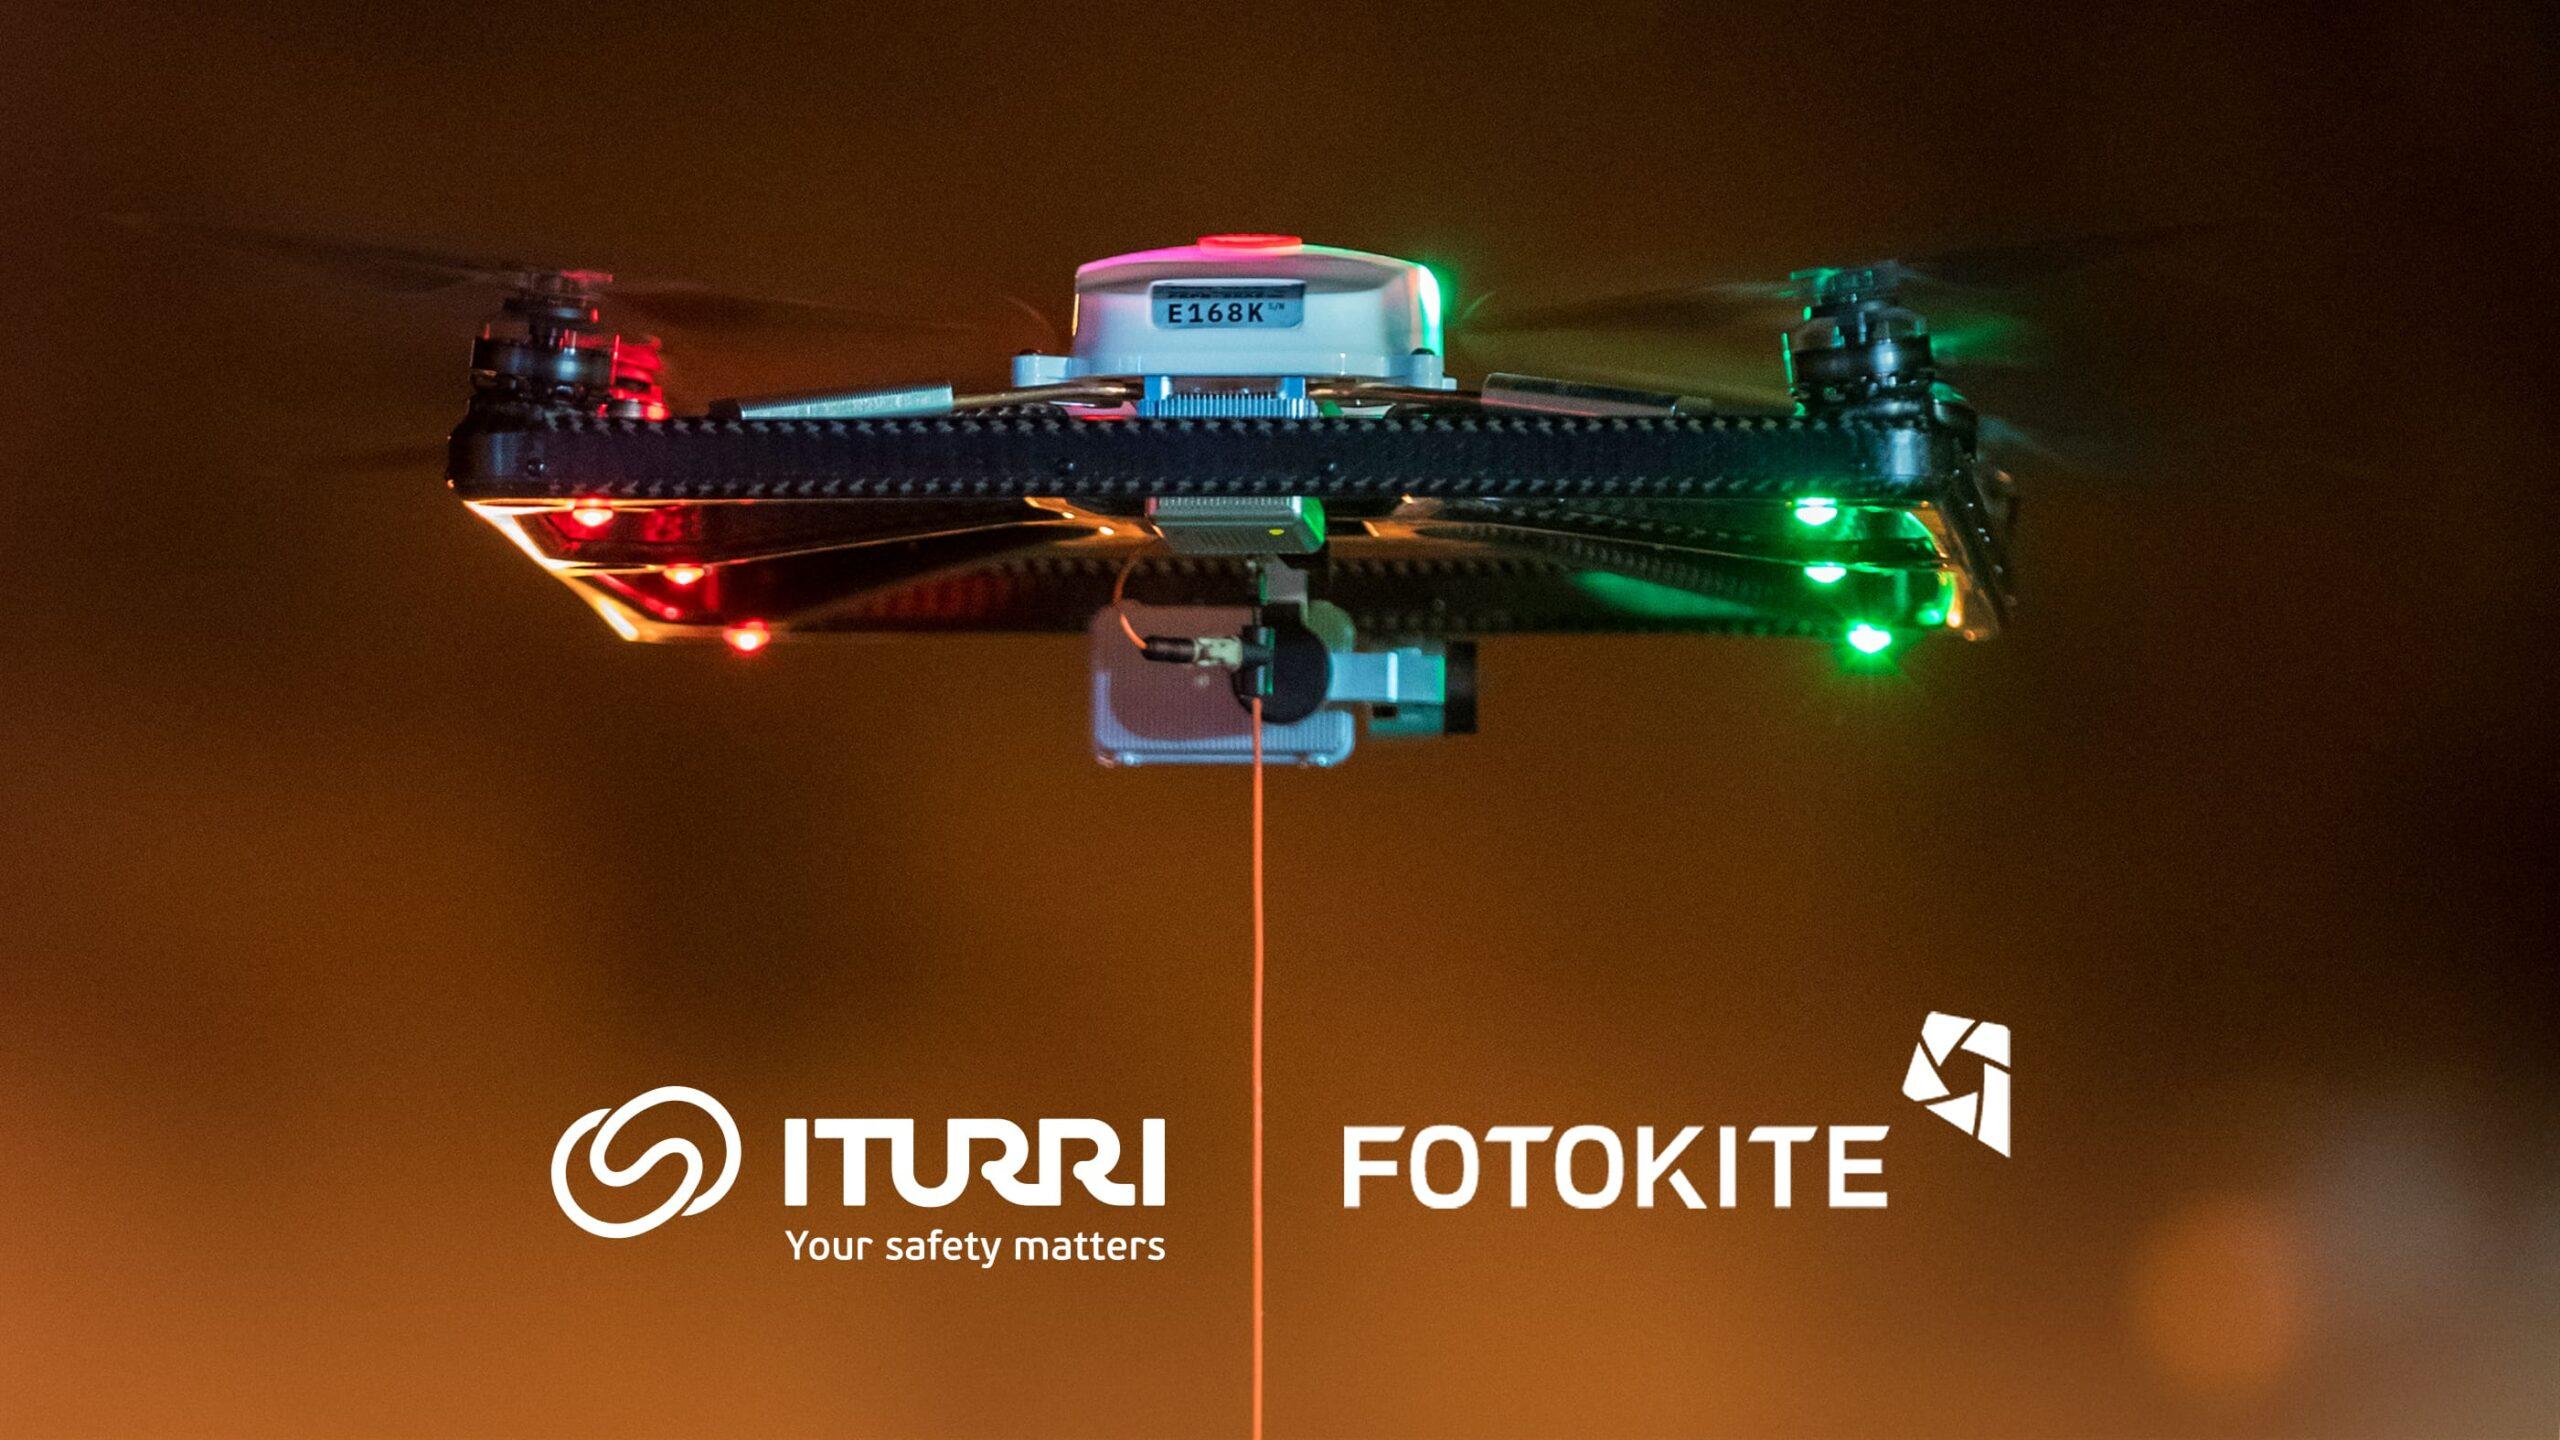 Fotokite se asocia con ITURRI para facilitar nuevas soluciones